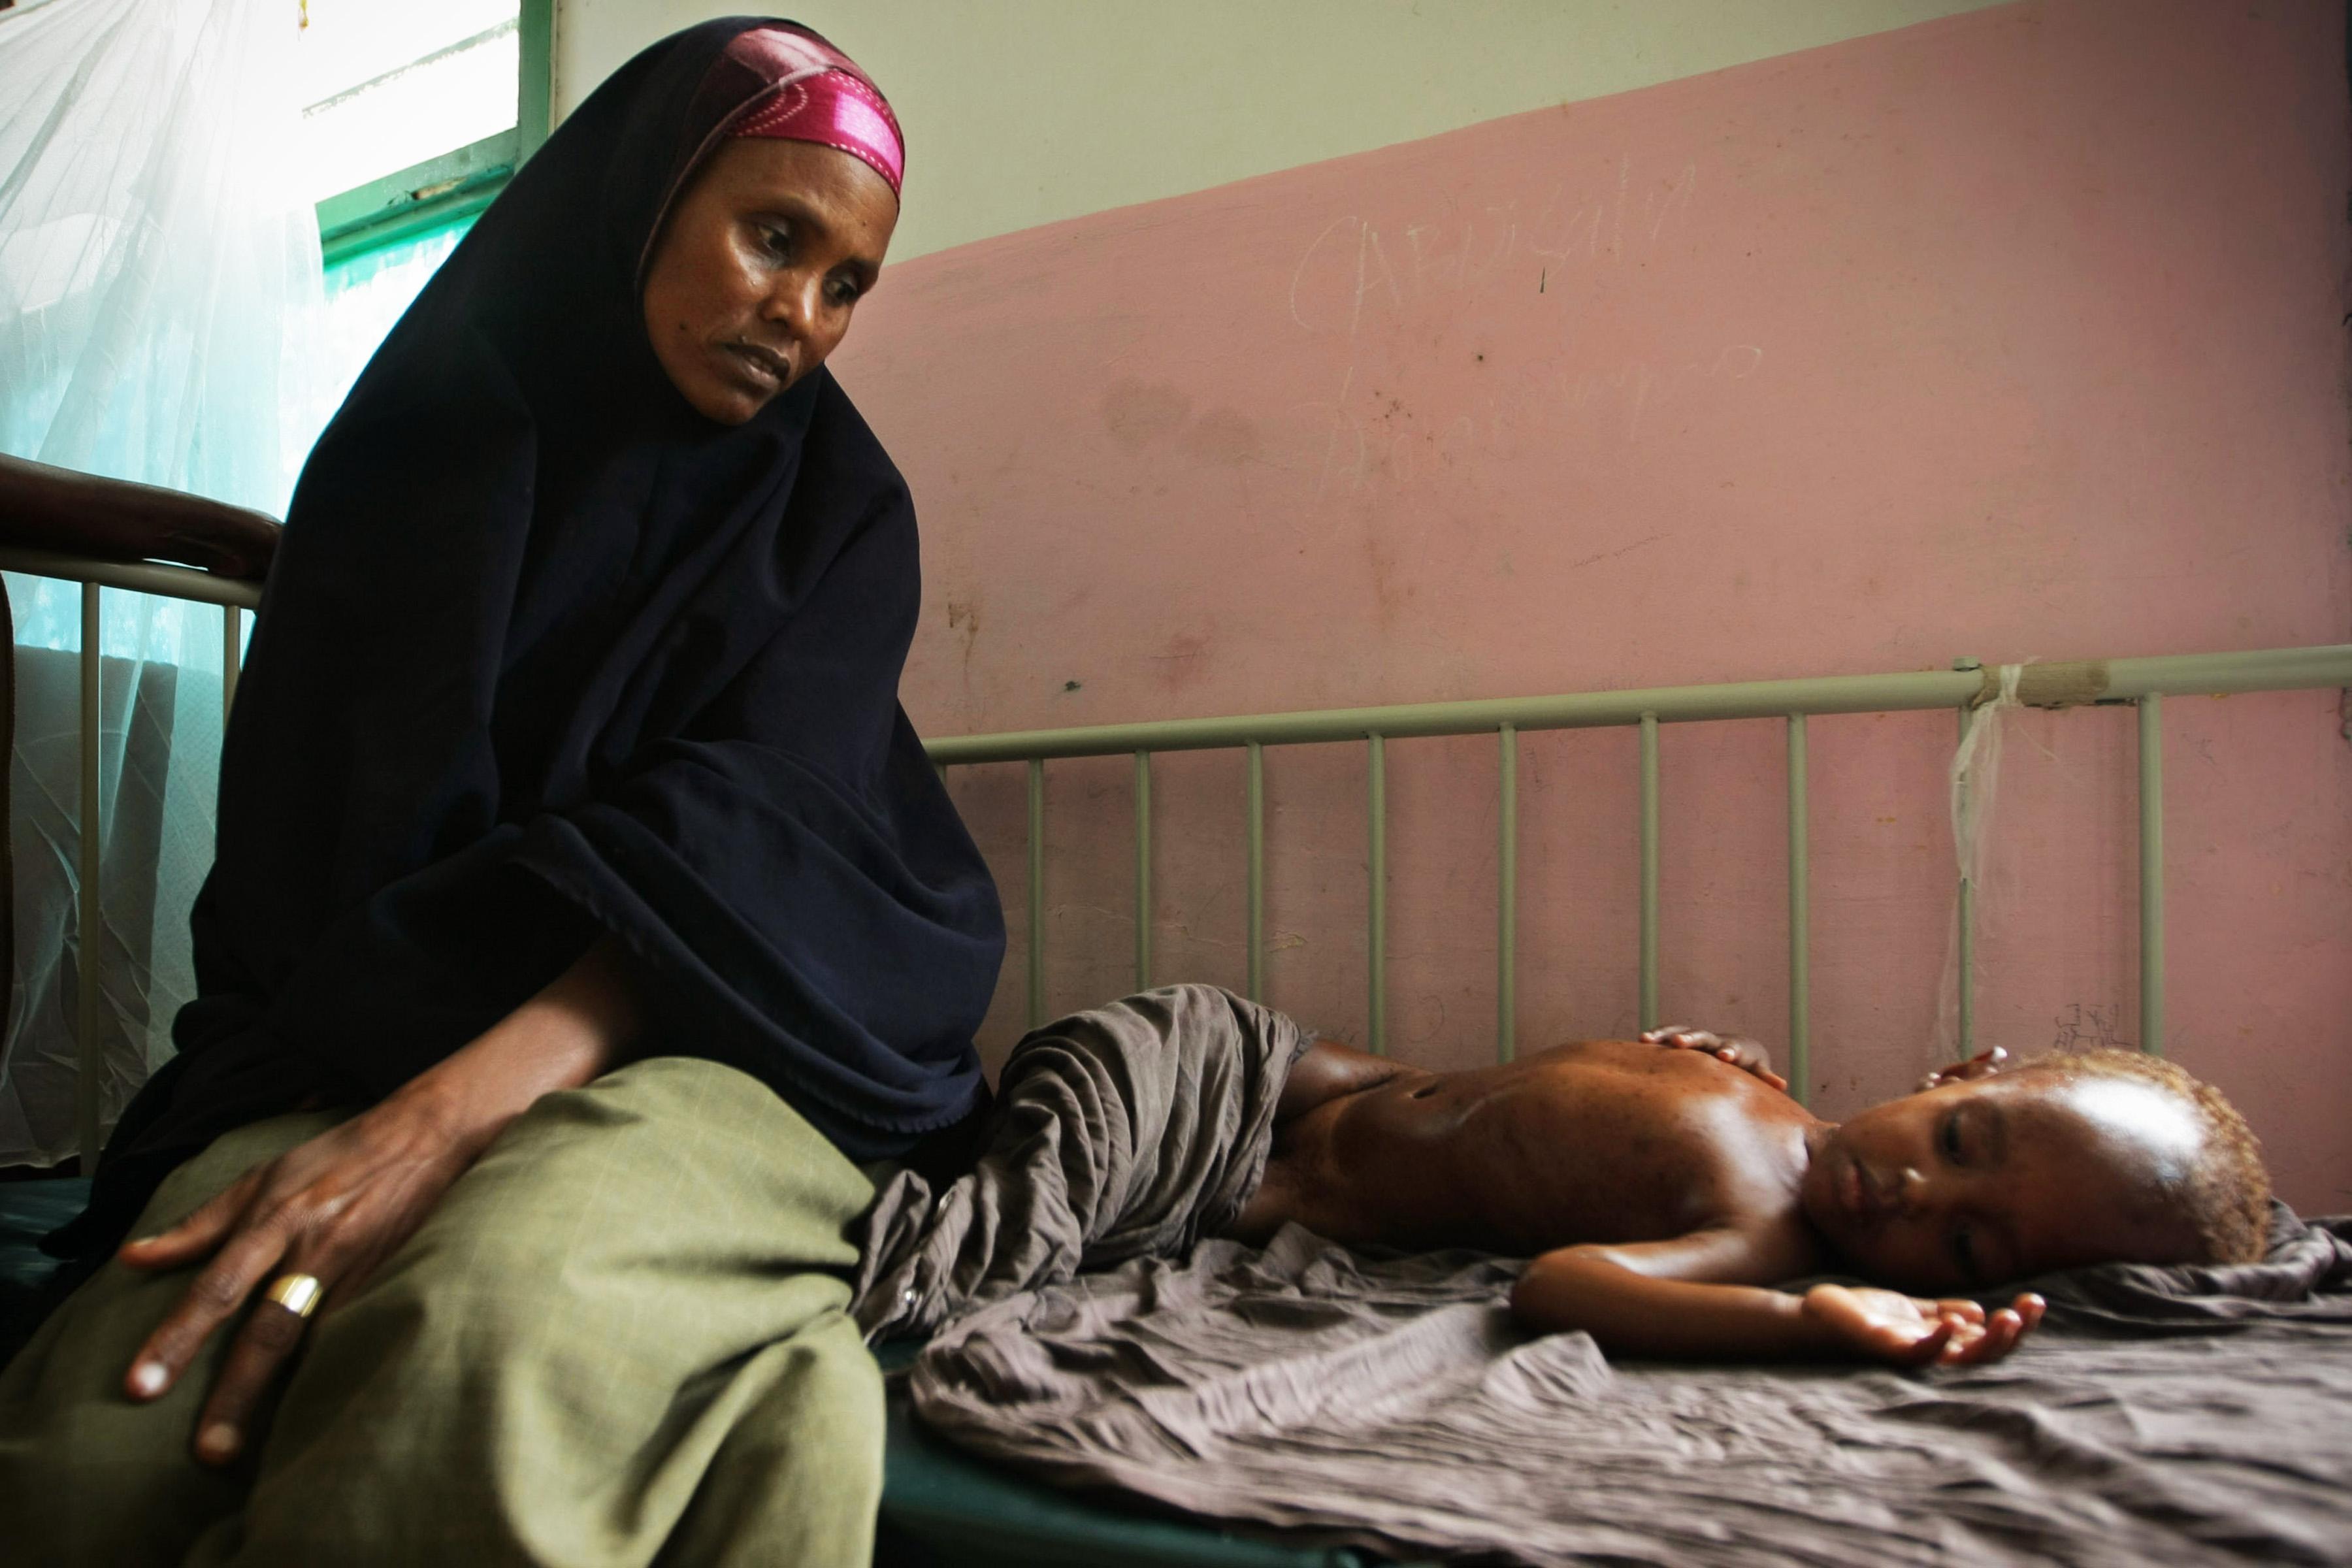 Somalische Mutter wartet in einem Krankenhaus auf Behandlung ihres Kindes. Krankheit und Armut bedingen sich häufig gegenseitig.